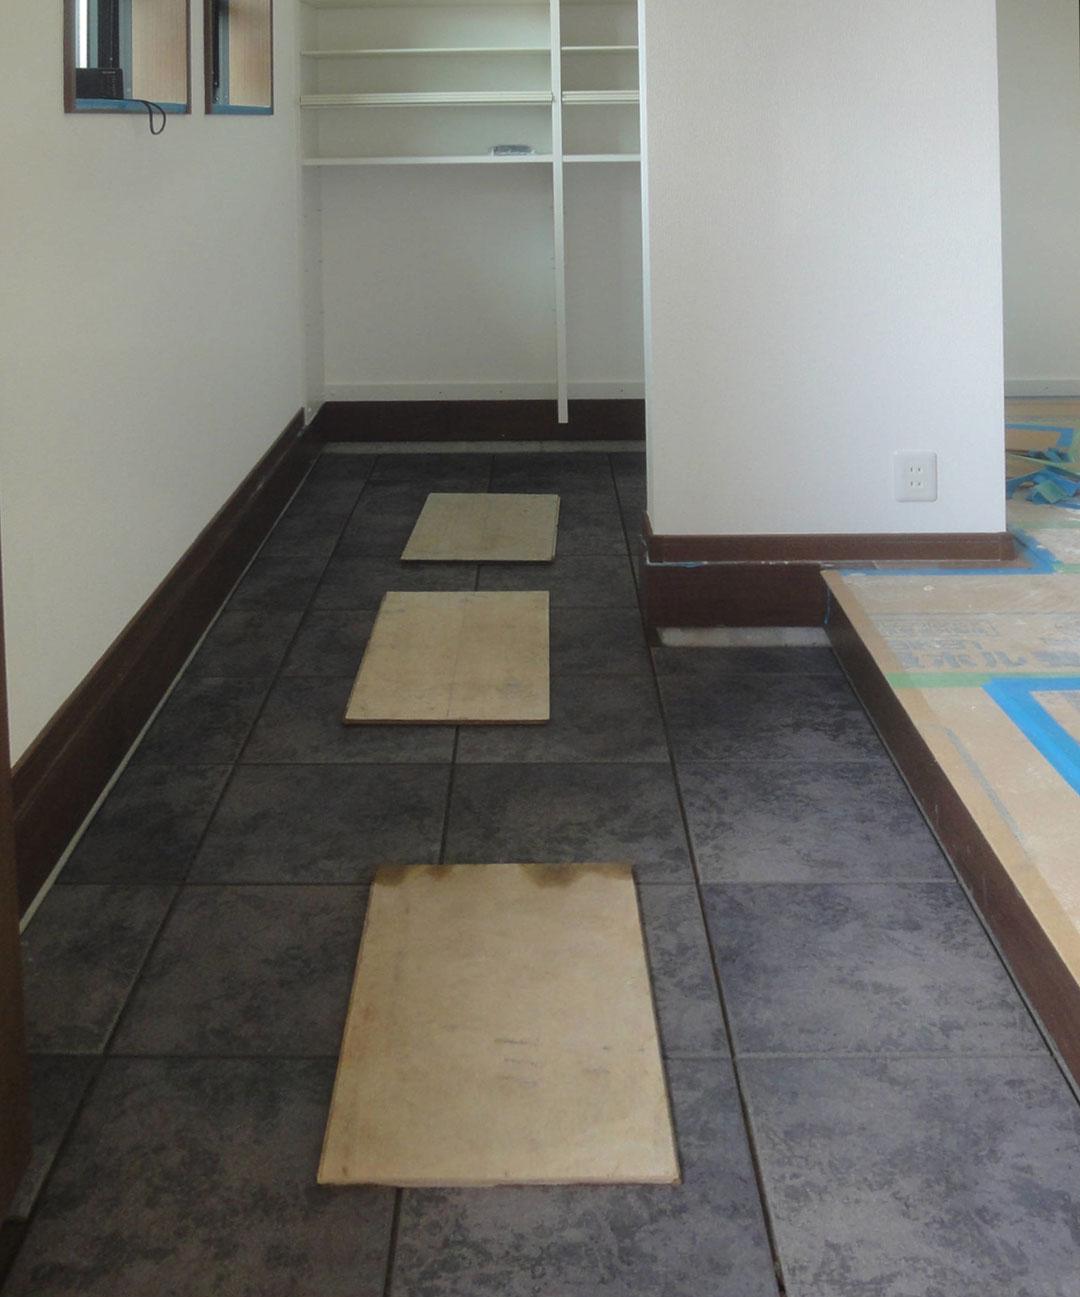 グランステージくずはⅢ モデルハウス 玄関の写真